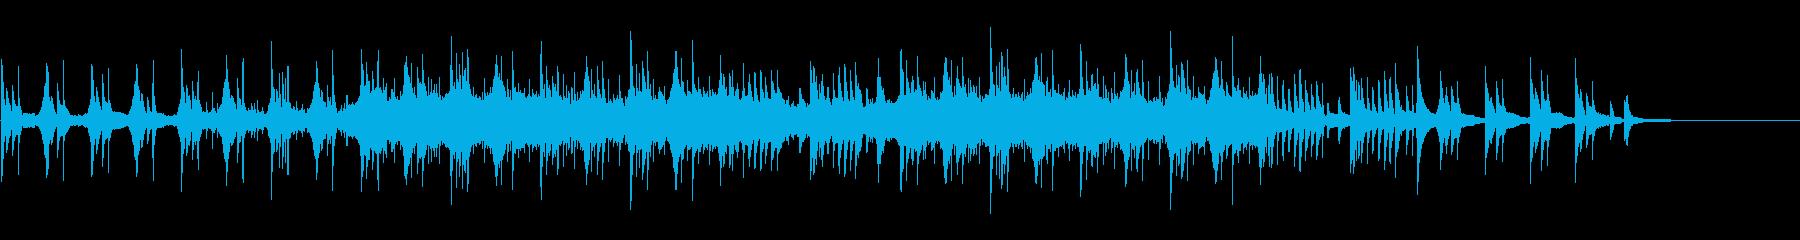 ピアノとか不思議な音の入ったインストの再生済みの波形